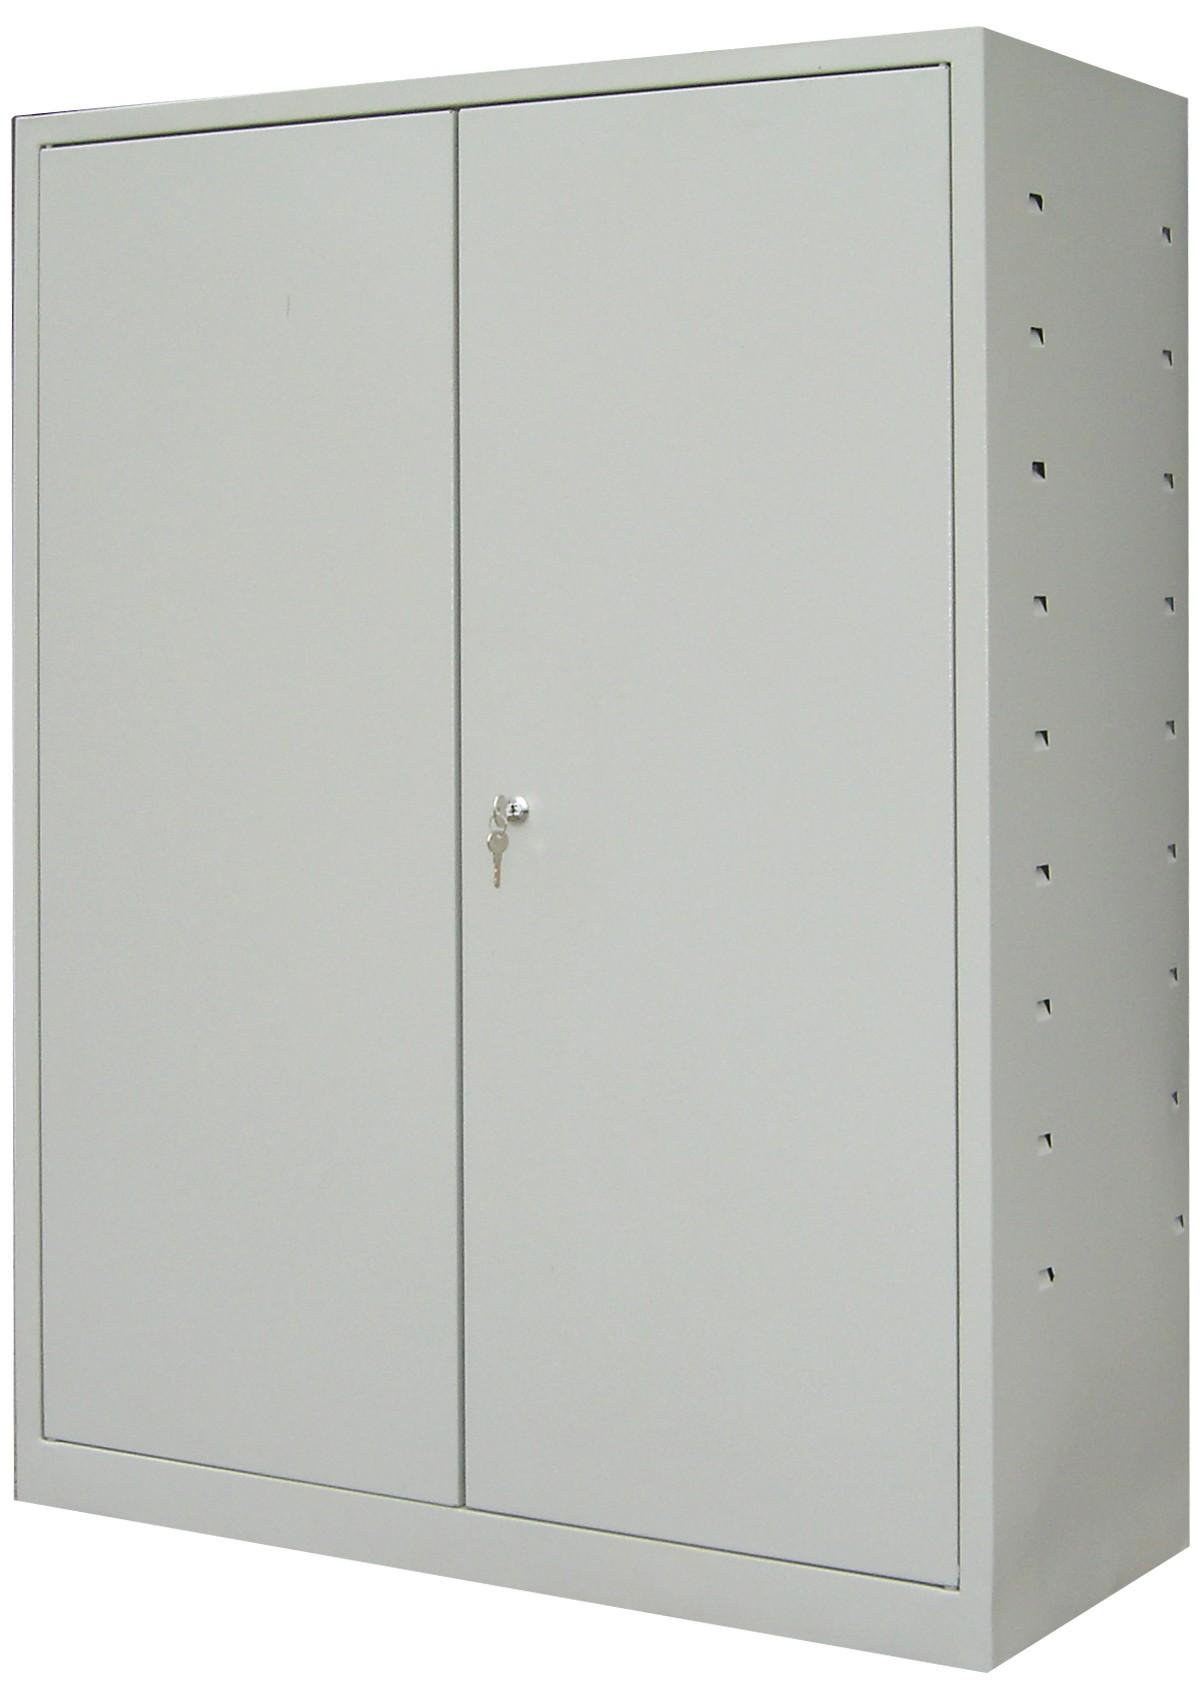 FISET METALIC CU 2 RAFTURI 900x400x1200 mm (LxlxH), 35 kg/polita, ECO